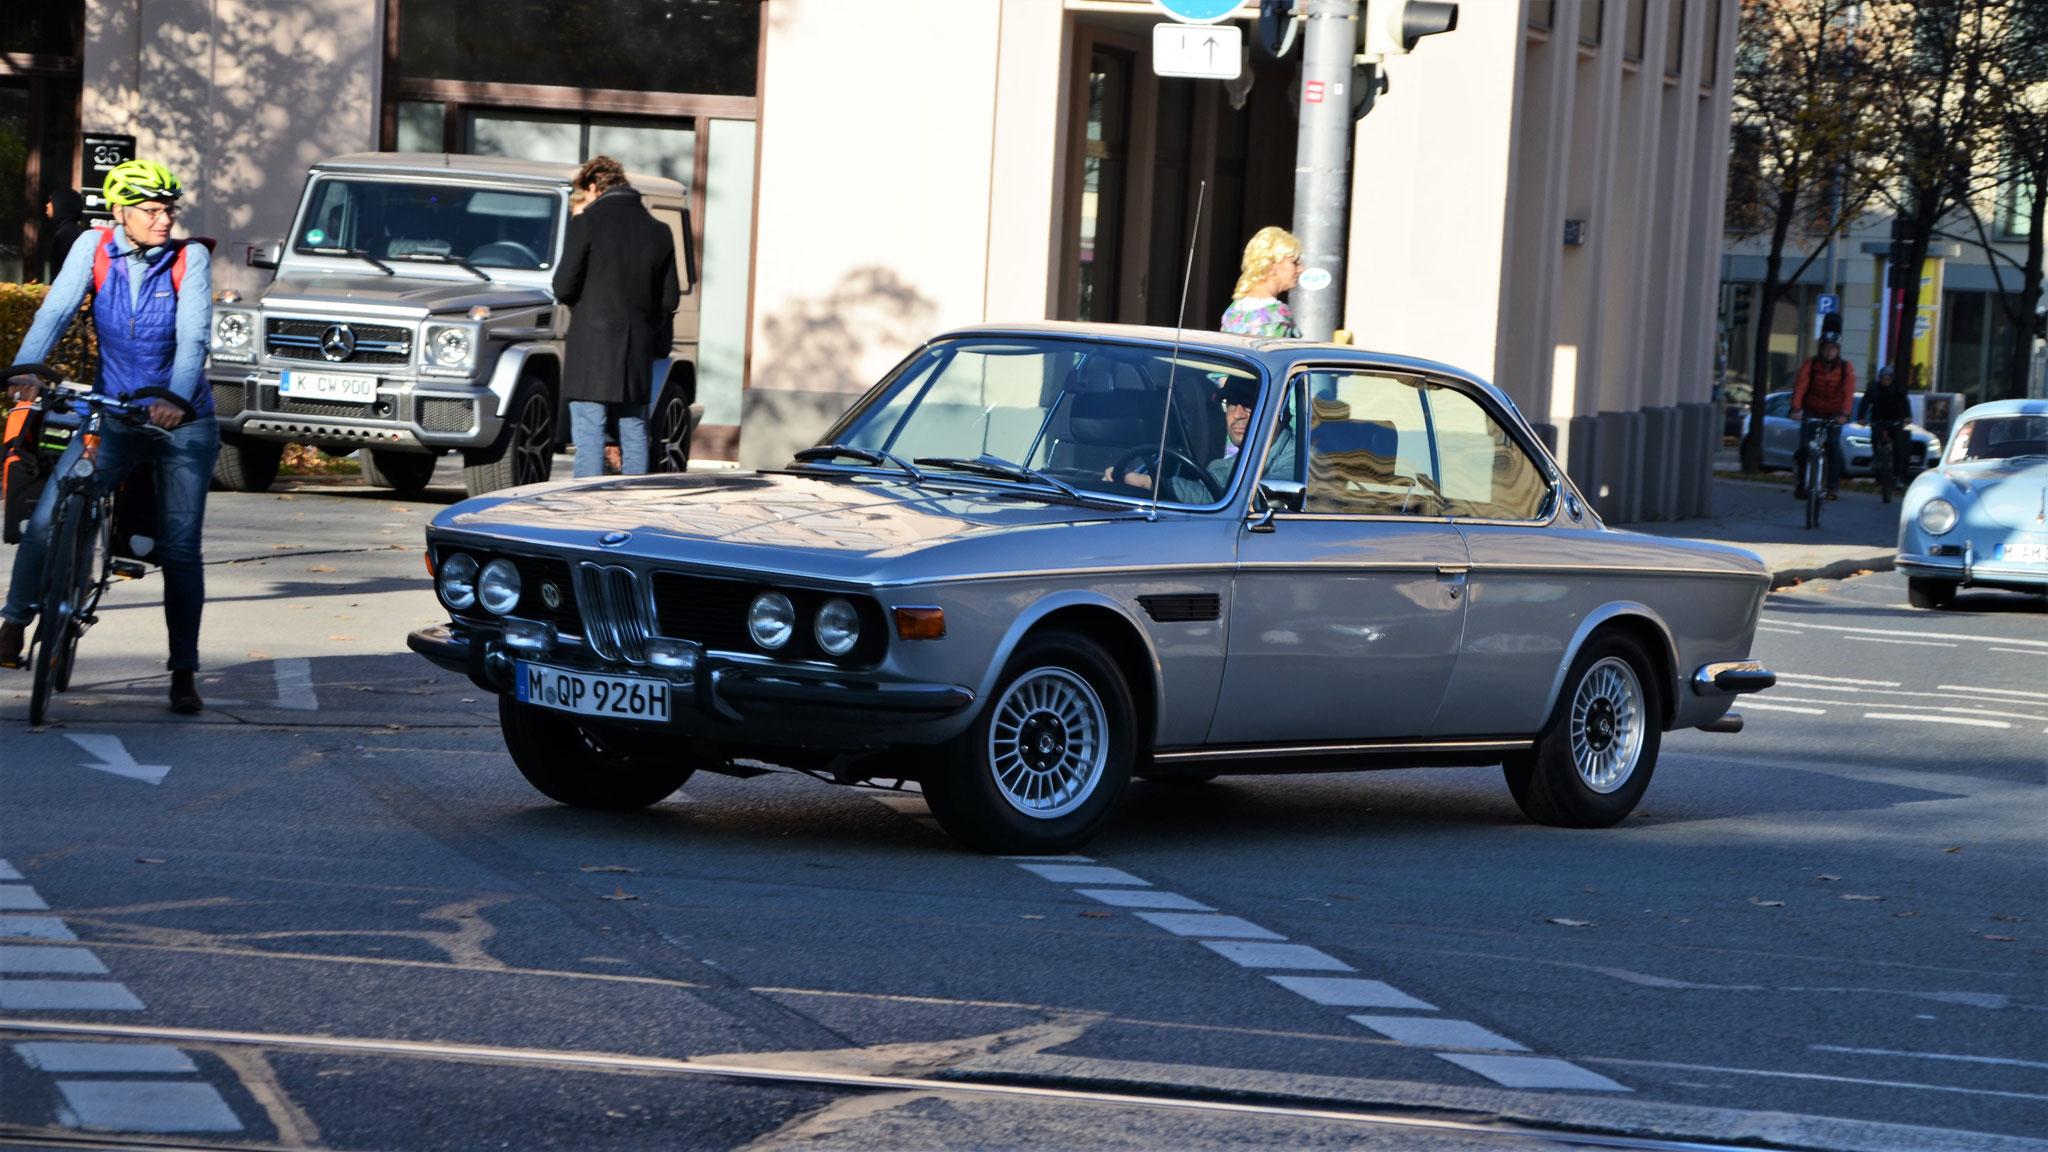 BMW E9 - M-QP-926H